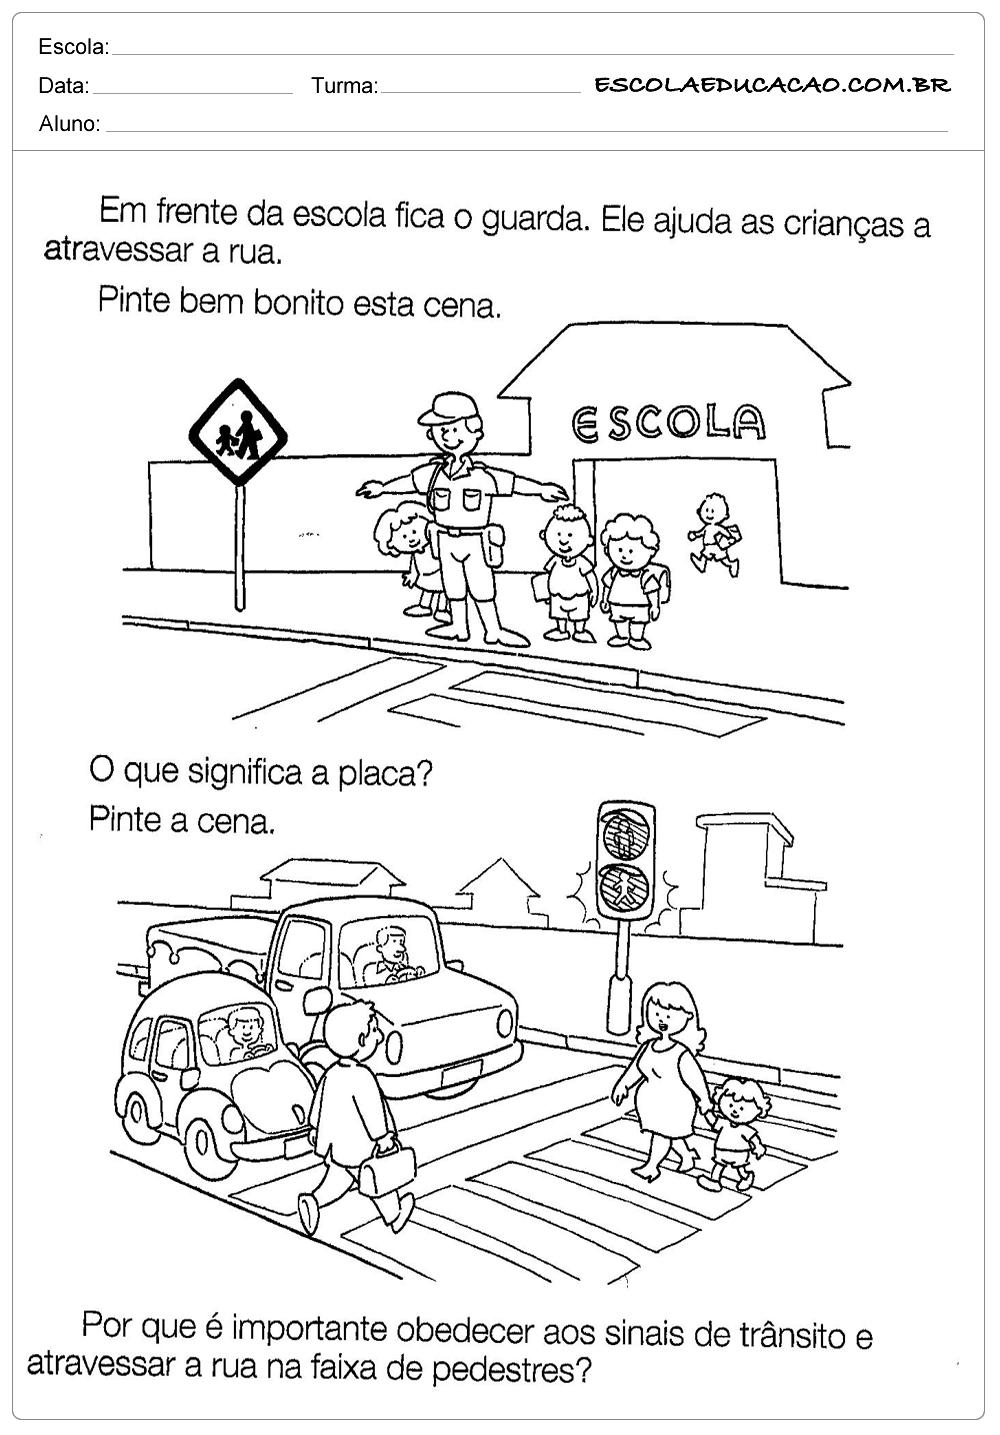 Favoritos Atividades sobre o Trânsito - Placa e Símbolos - Escola Educação QD37